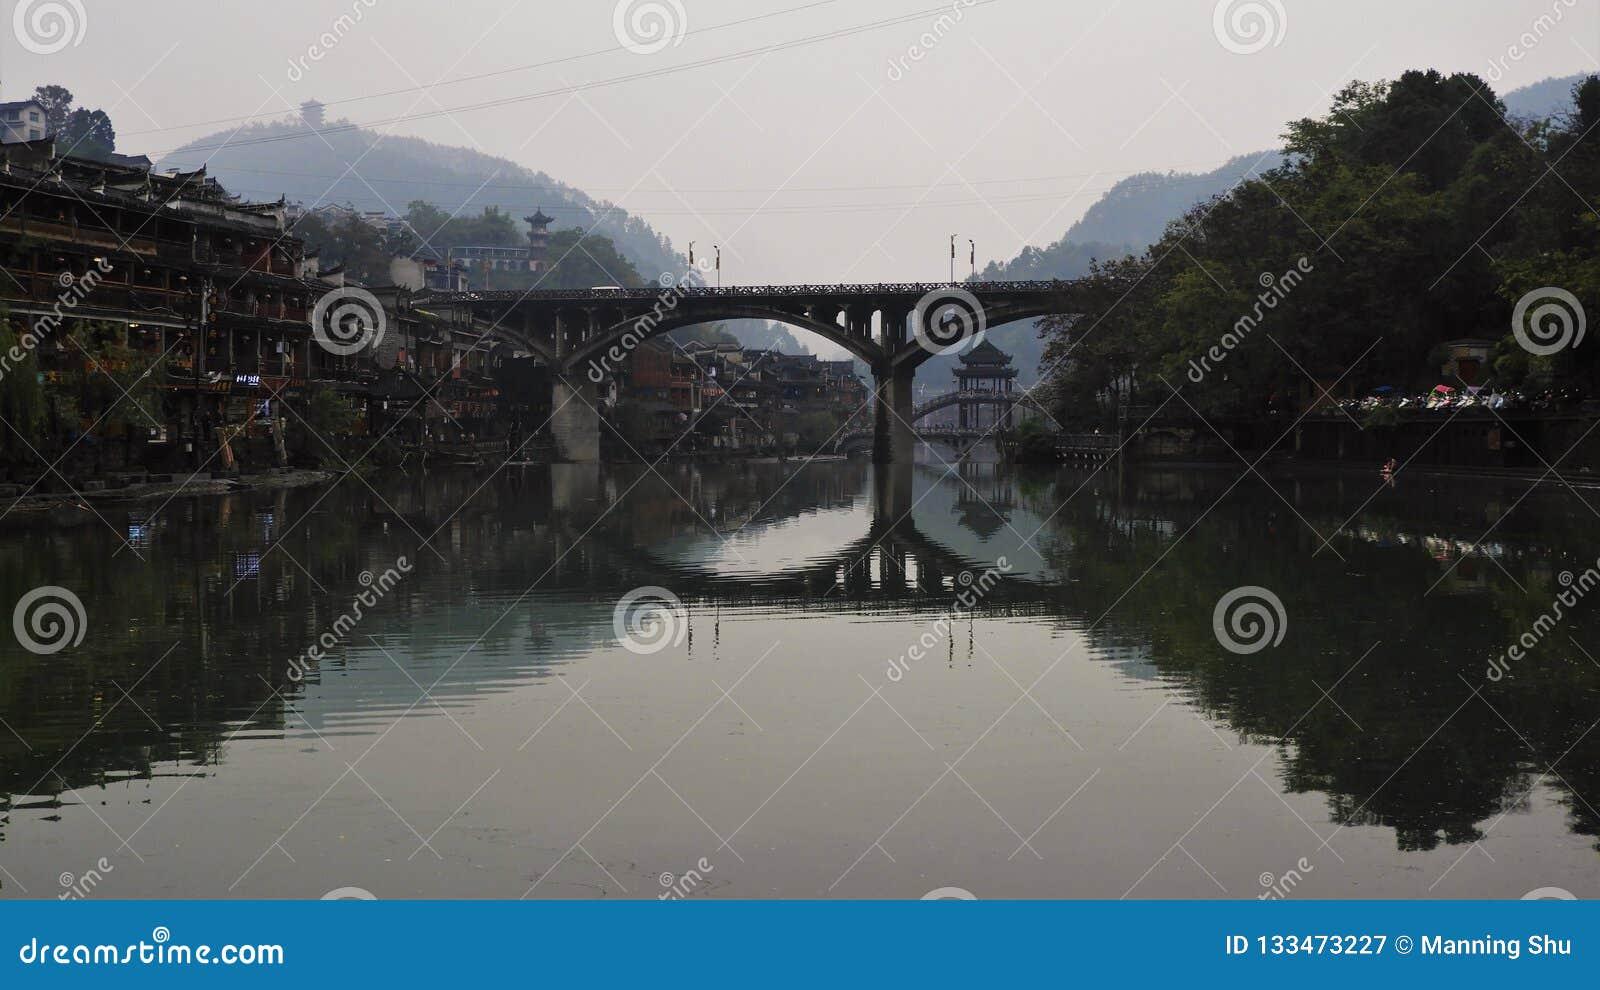 Duas pontes cruzam Tuo River na cidade antiga de Fenghuang